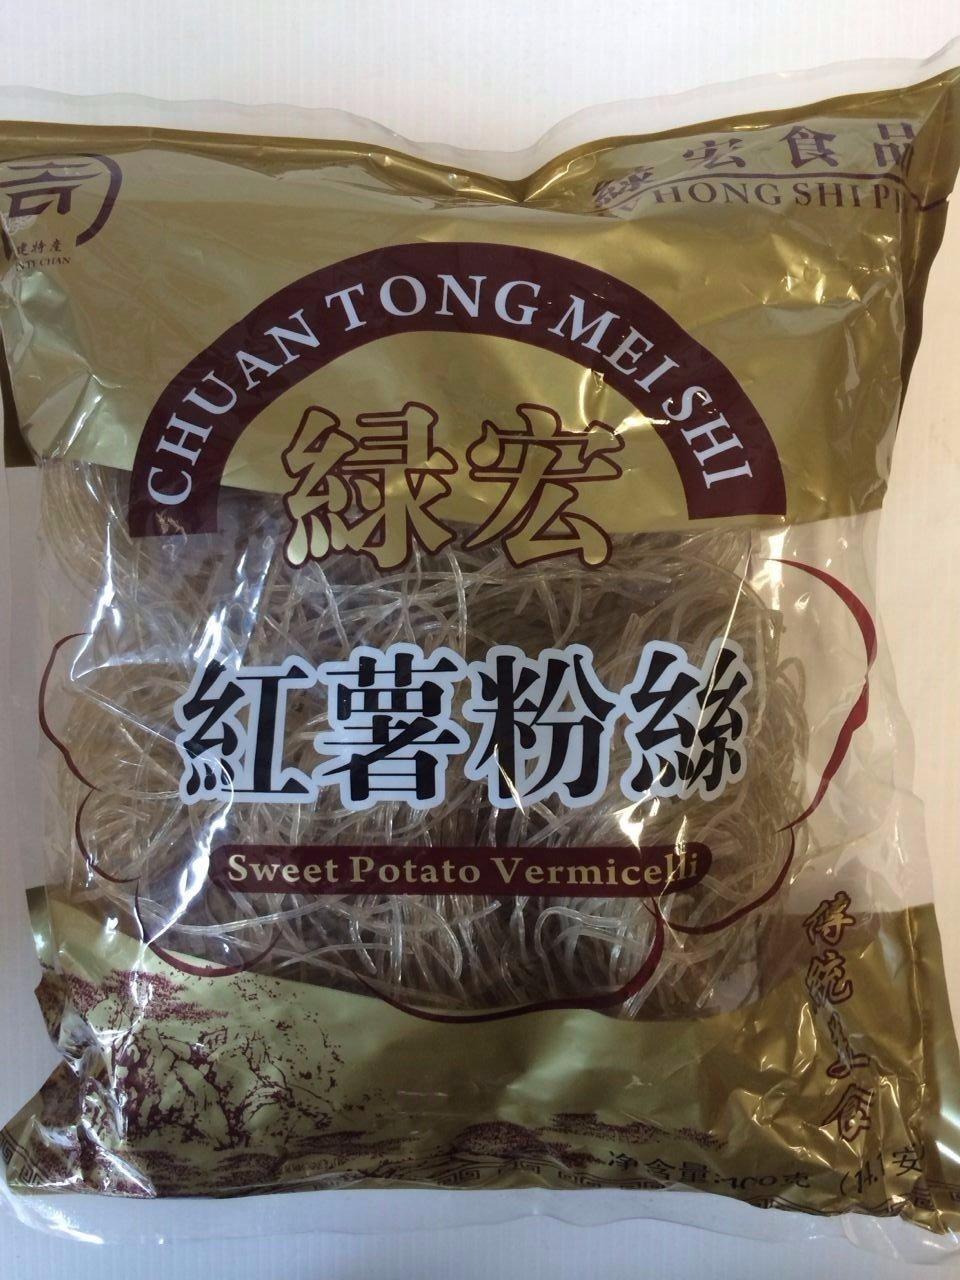 绿宏红薯粉丝 LH Sweet Potato Vermicelli 400g